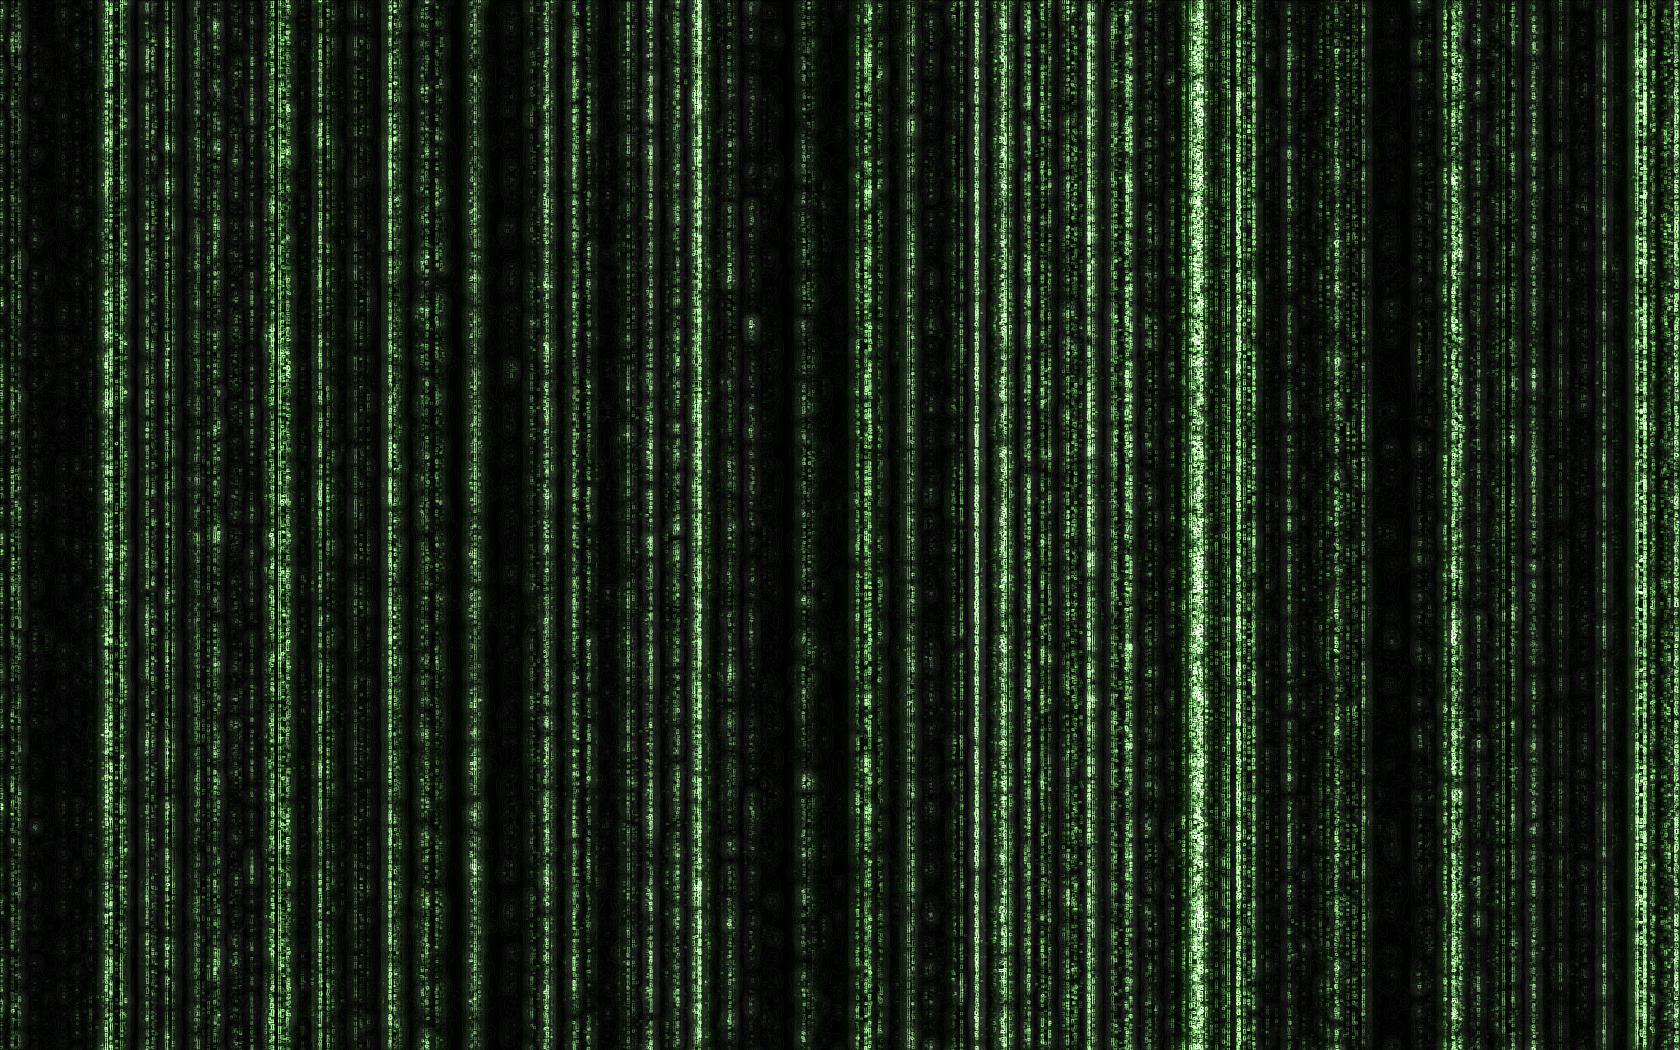 HD Matrix Wallpaper